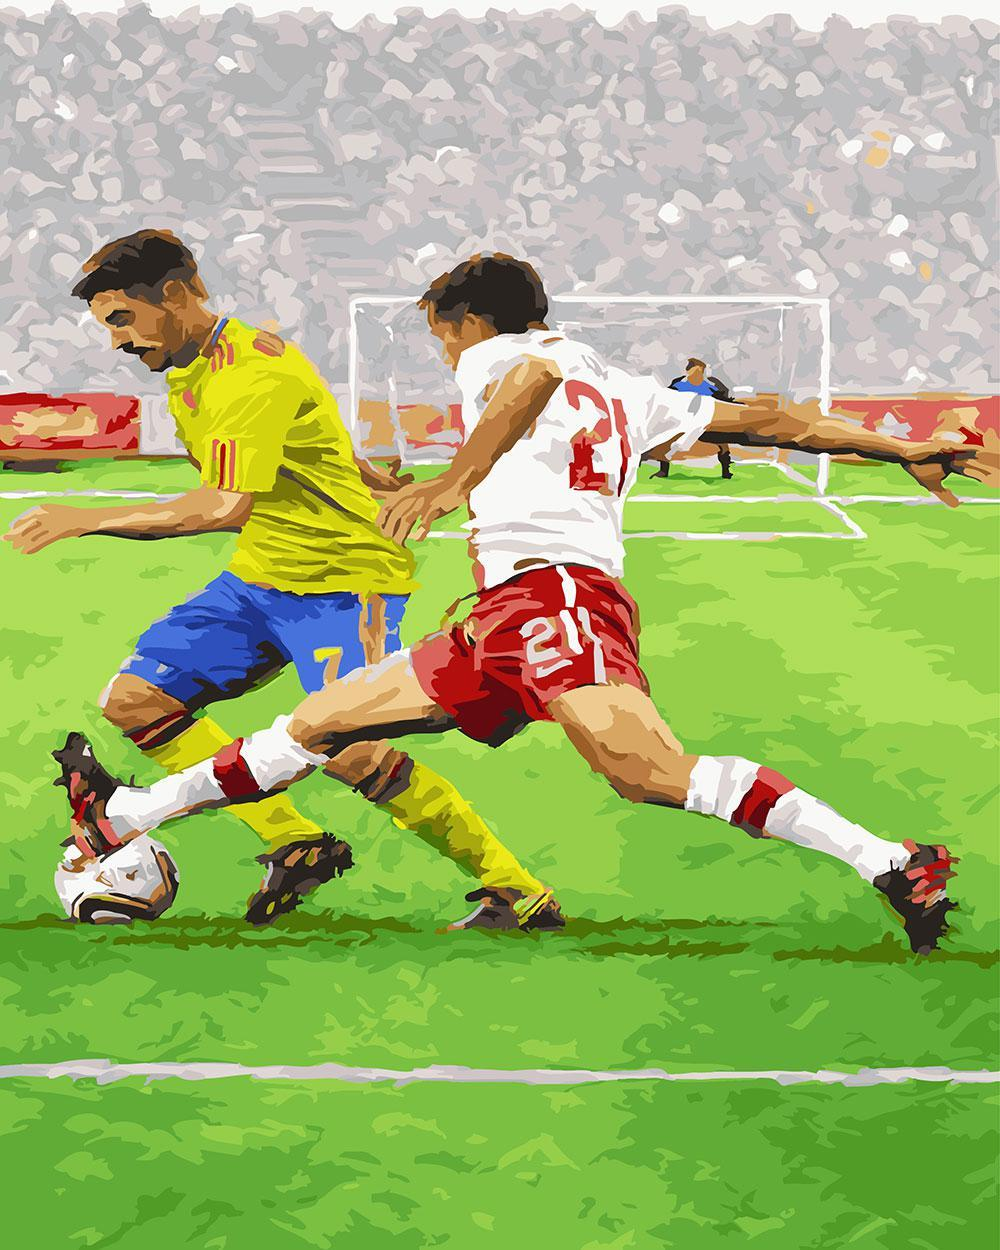 Картина по номерам Футболисты 40 х 50 см (BK-GX23643)